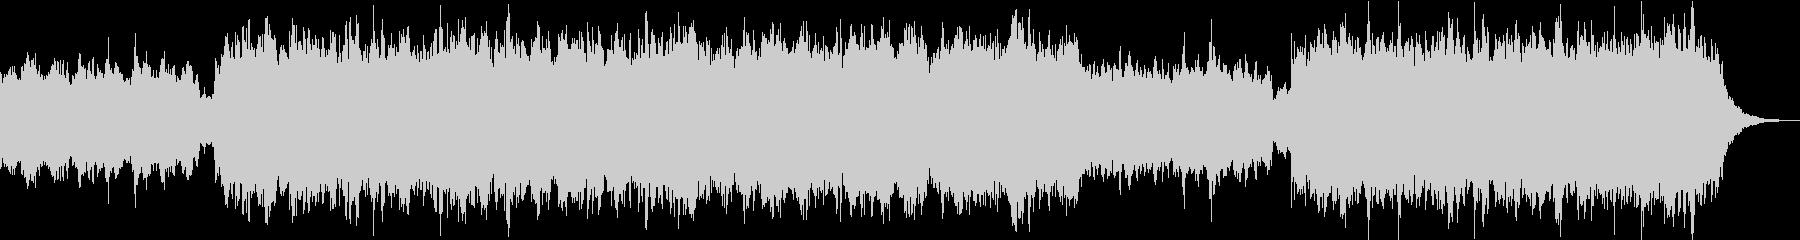 幻想的なヒーリングBGMの未再生の波形